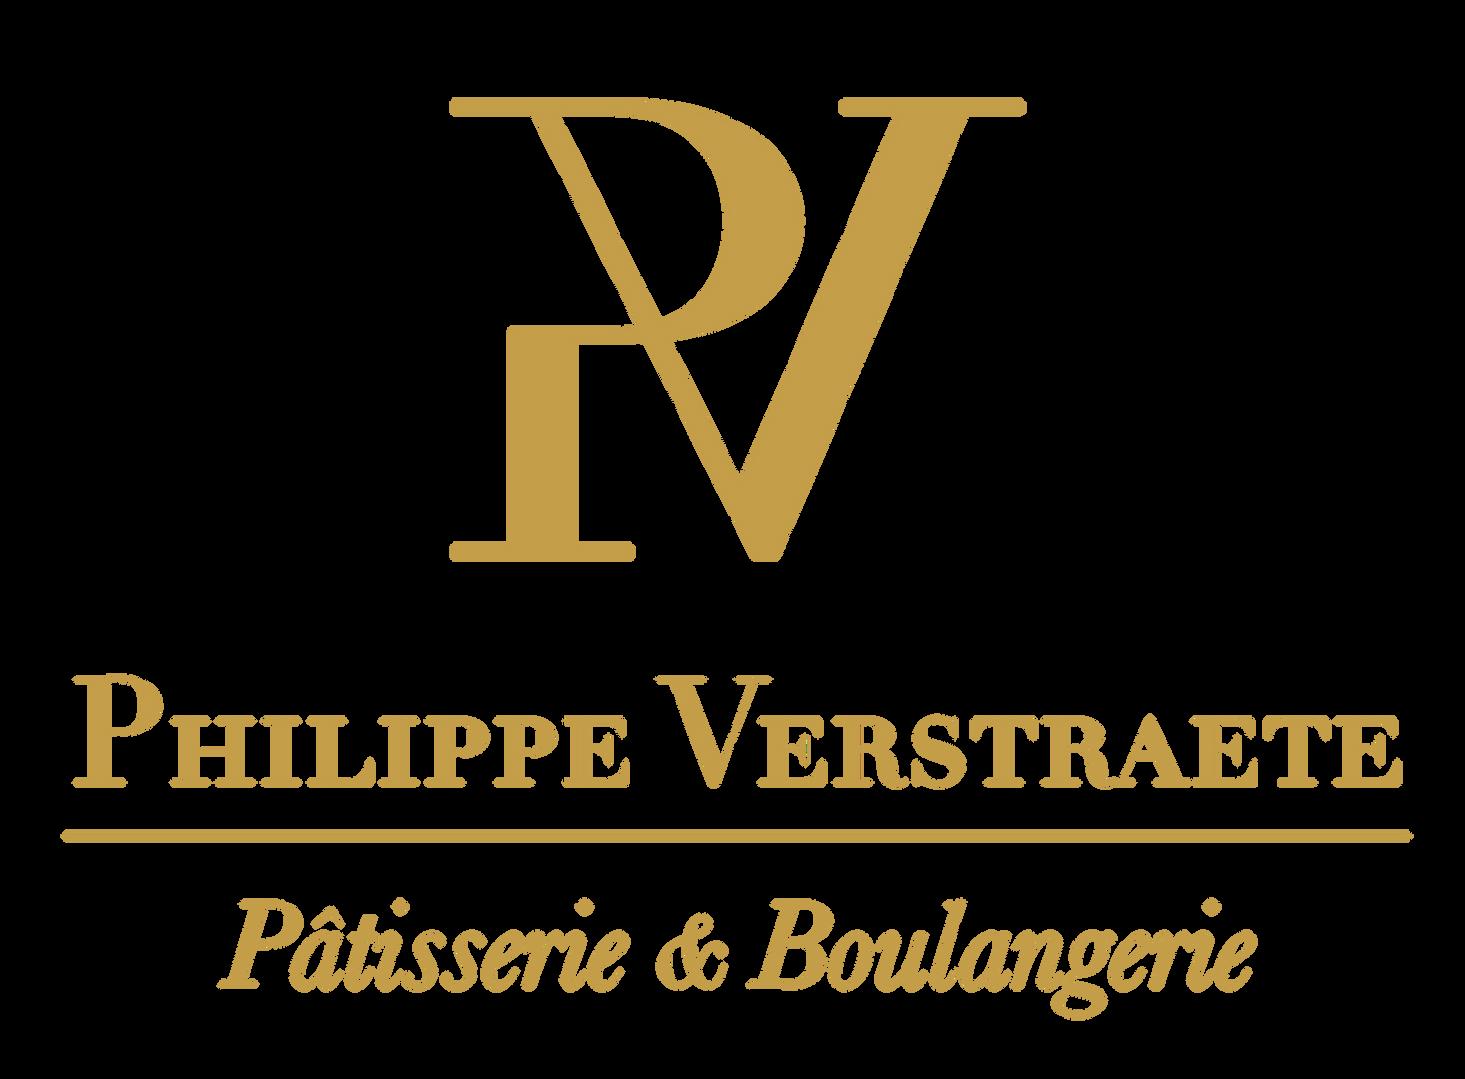 Philippe Verstraete - Patisserie & Boulangerie